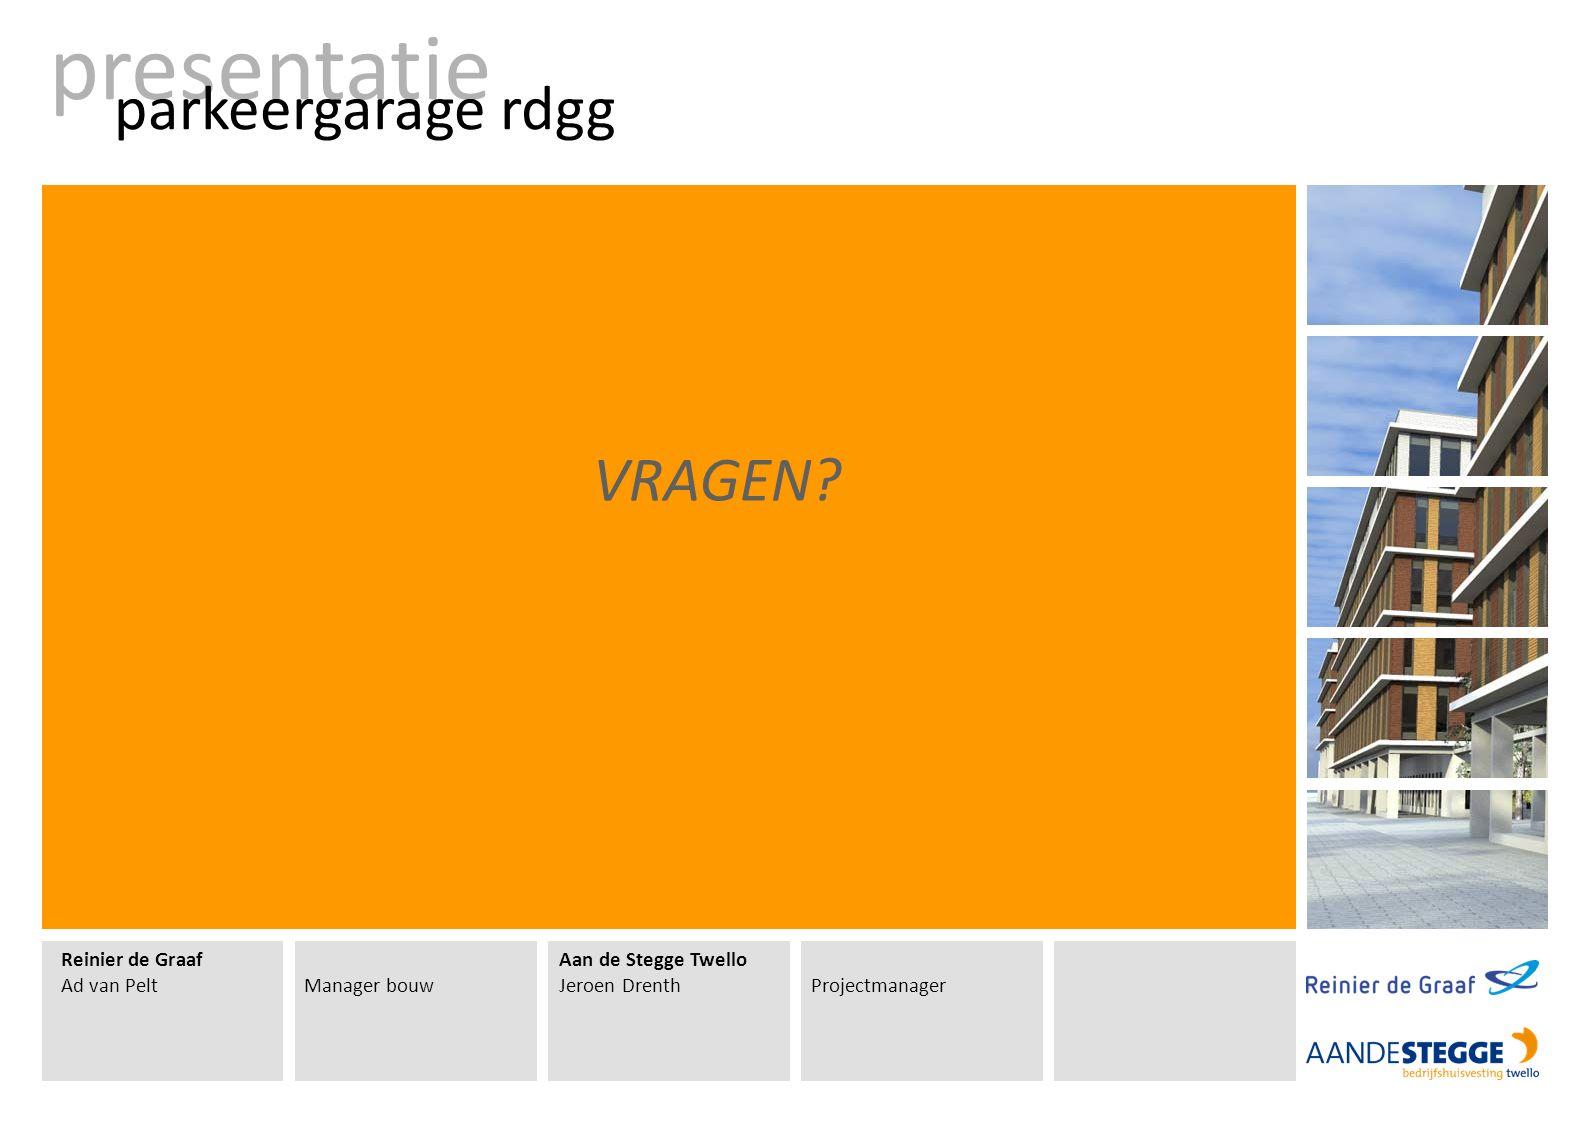 Reinier de Graaf Ad van PeltManager bouw Aan de Stegge Twello Jeroen DrenthProjectmanager presentatie parkeergarage rdgg VRAGEN